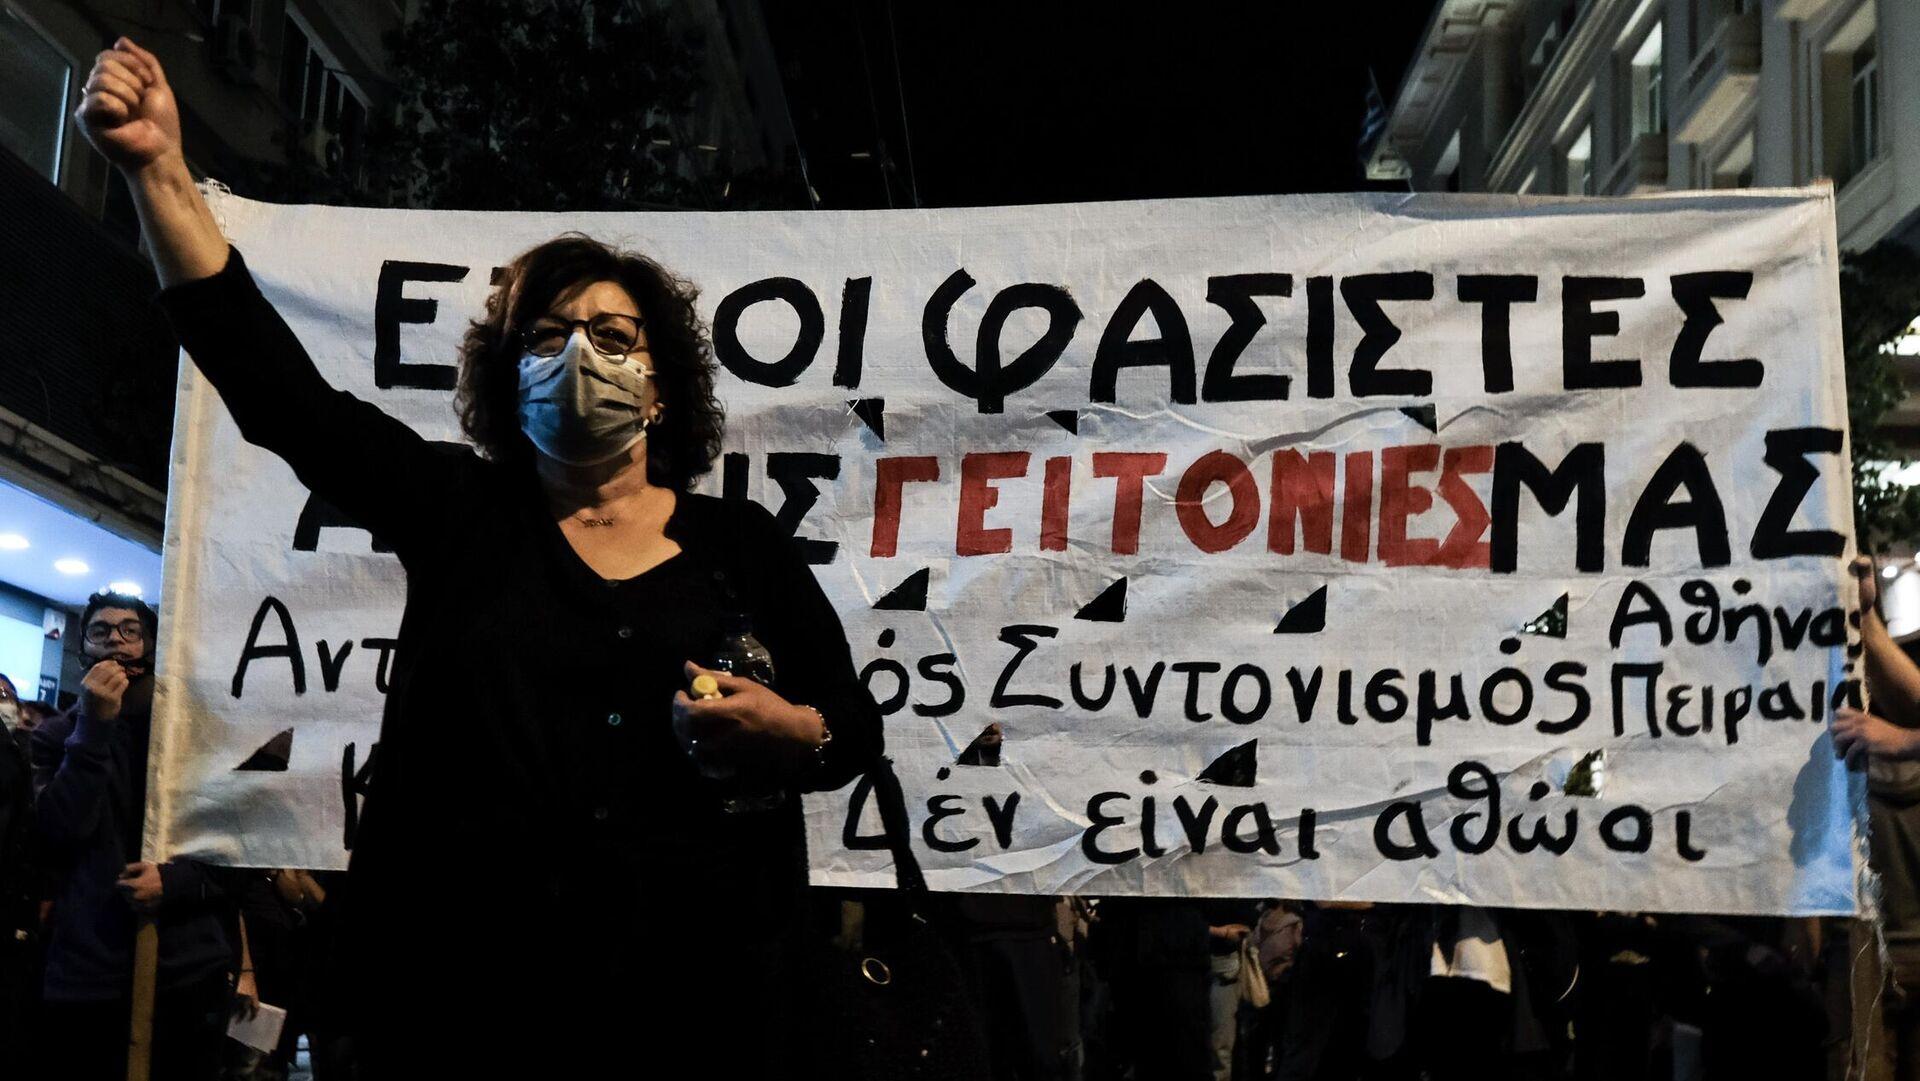 Αντιφασιστική πορεία για τον ένα χρόνο από την καταδίκη της ΧΑ - Sputnik Ελλάδα, 1920, 07.10.2021